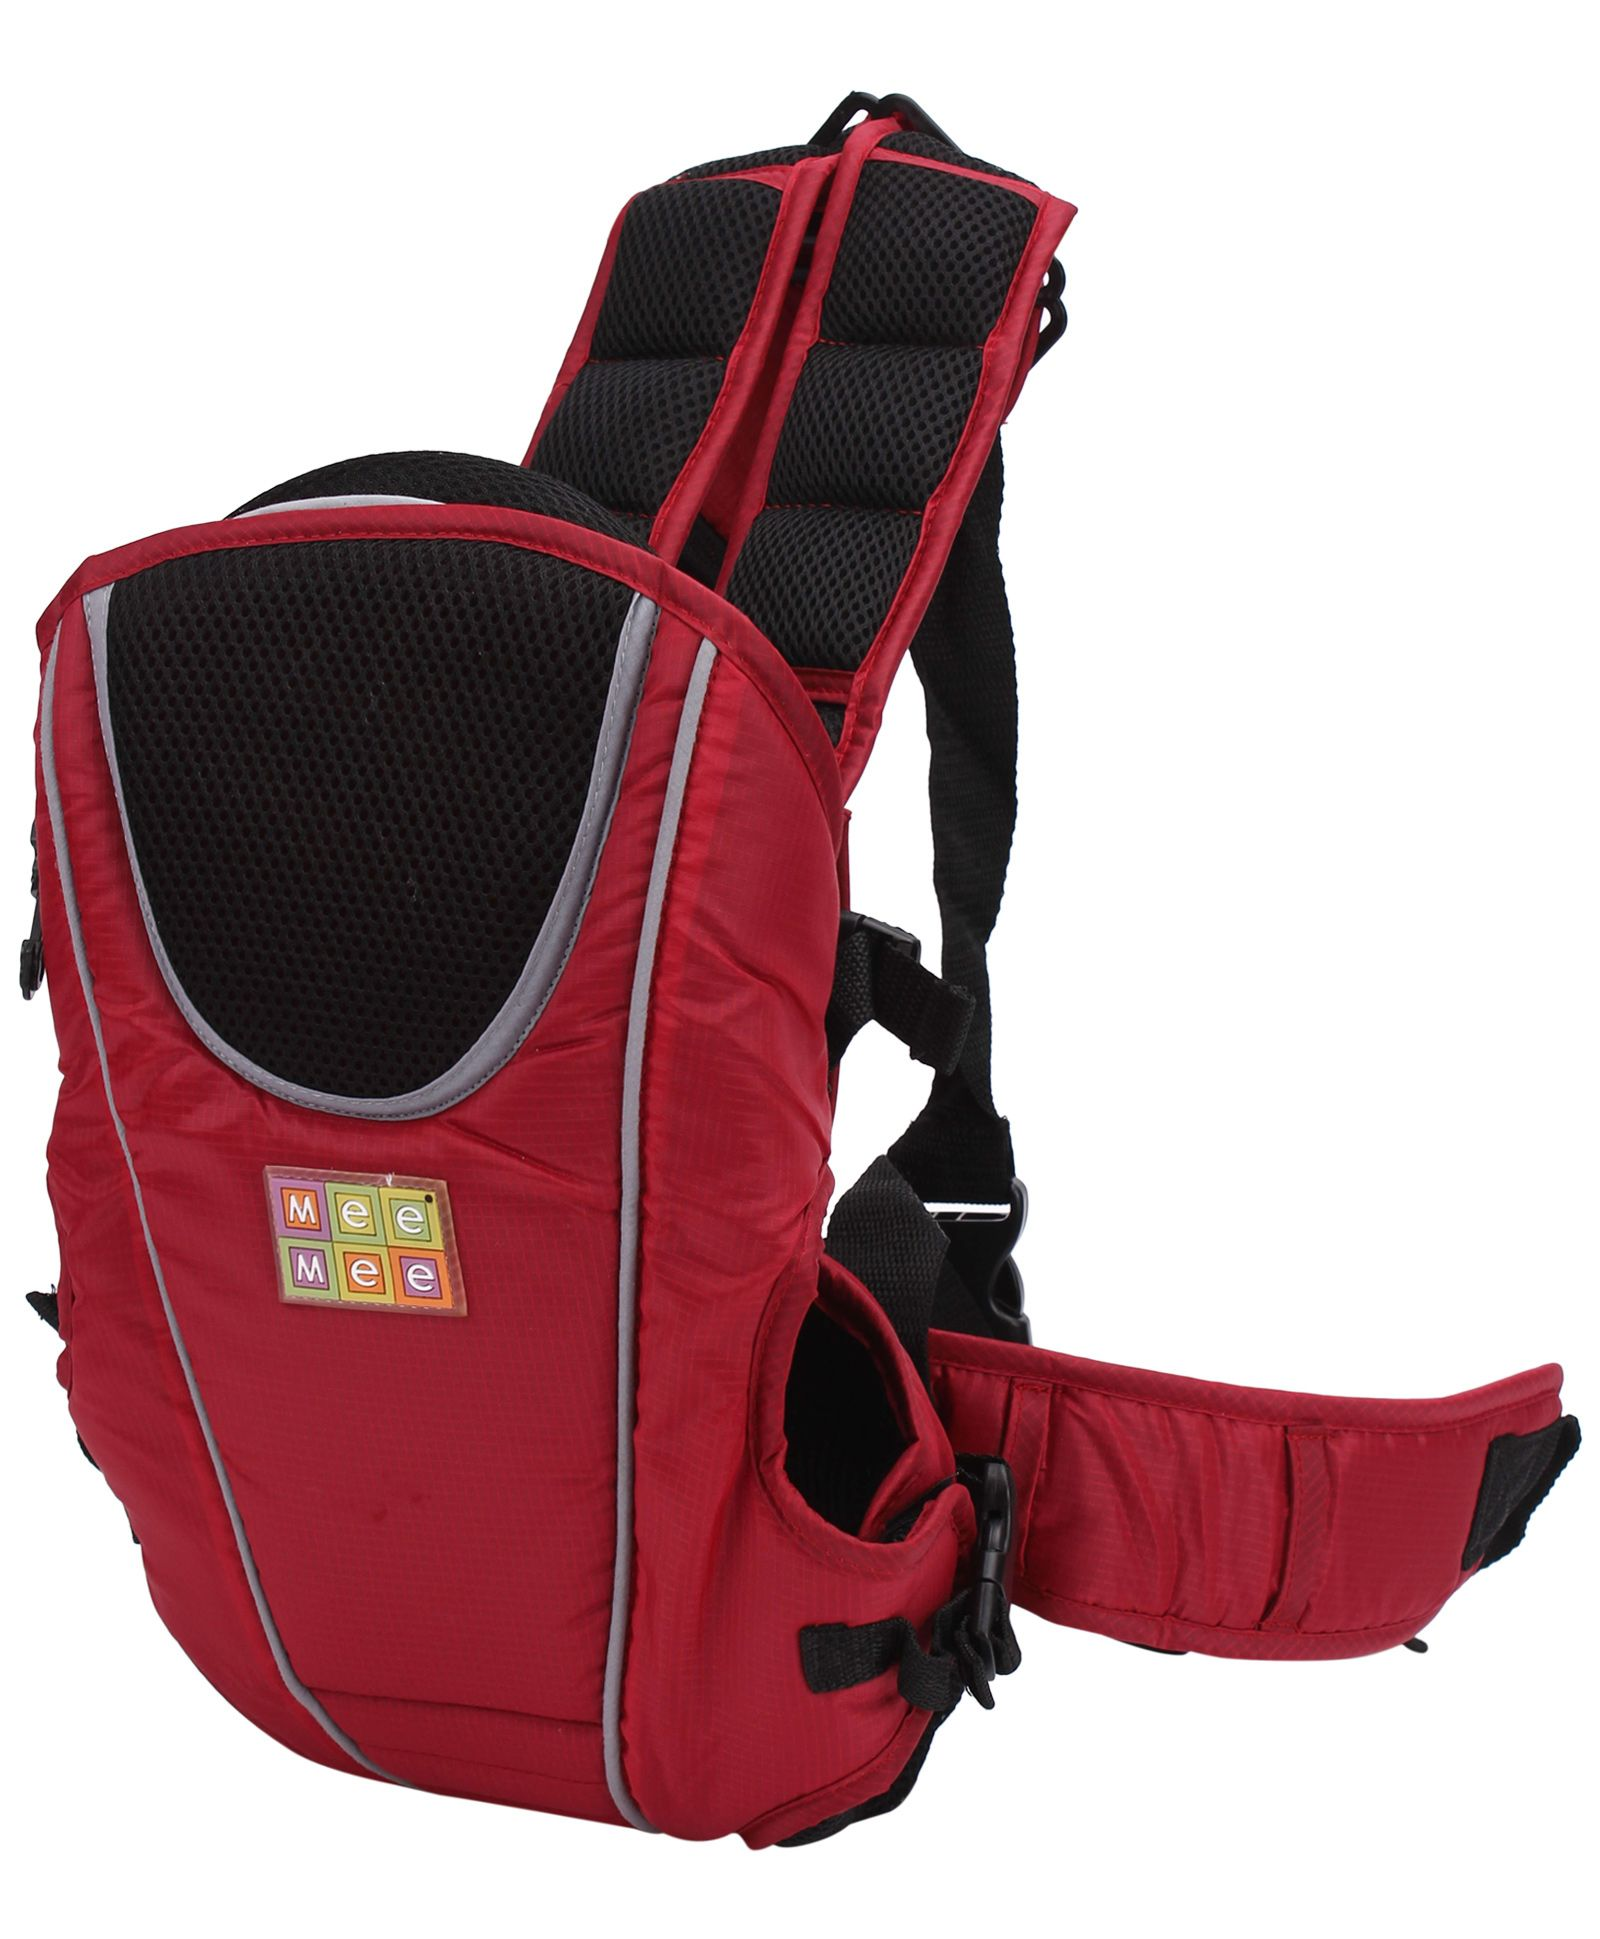 Mee Mee Soft & Premium Way Way Baby Carrier - Maroon